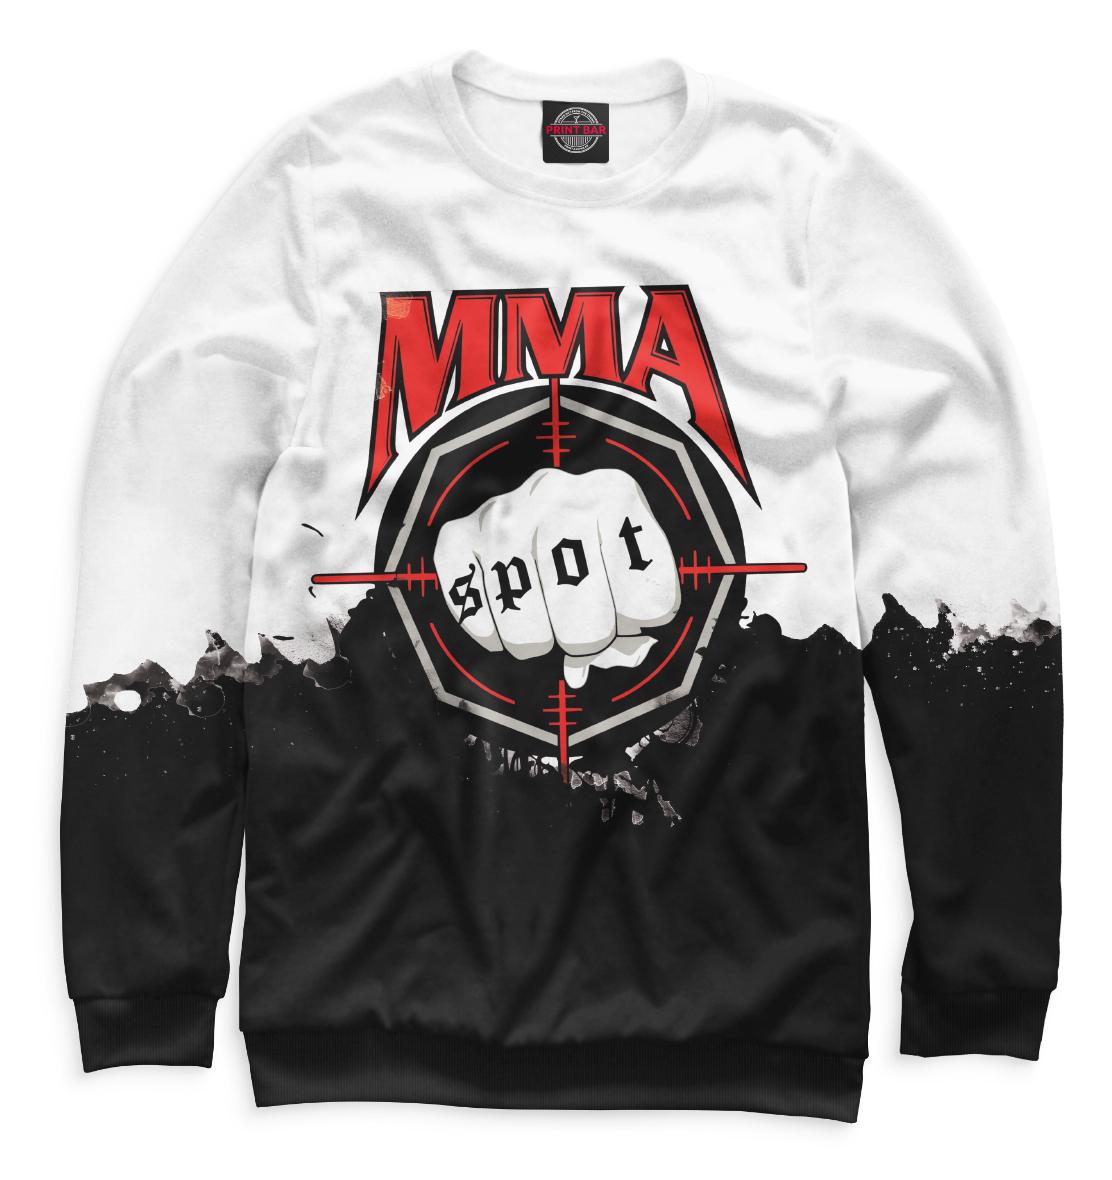 MMA Spot